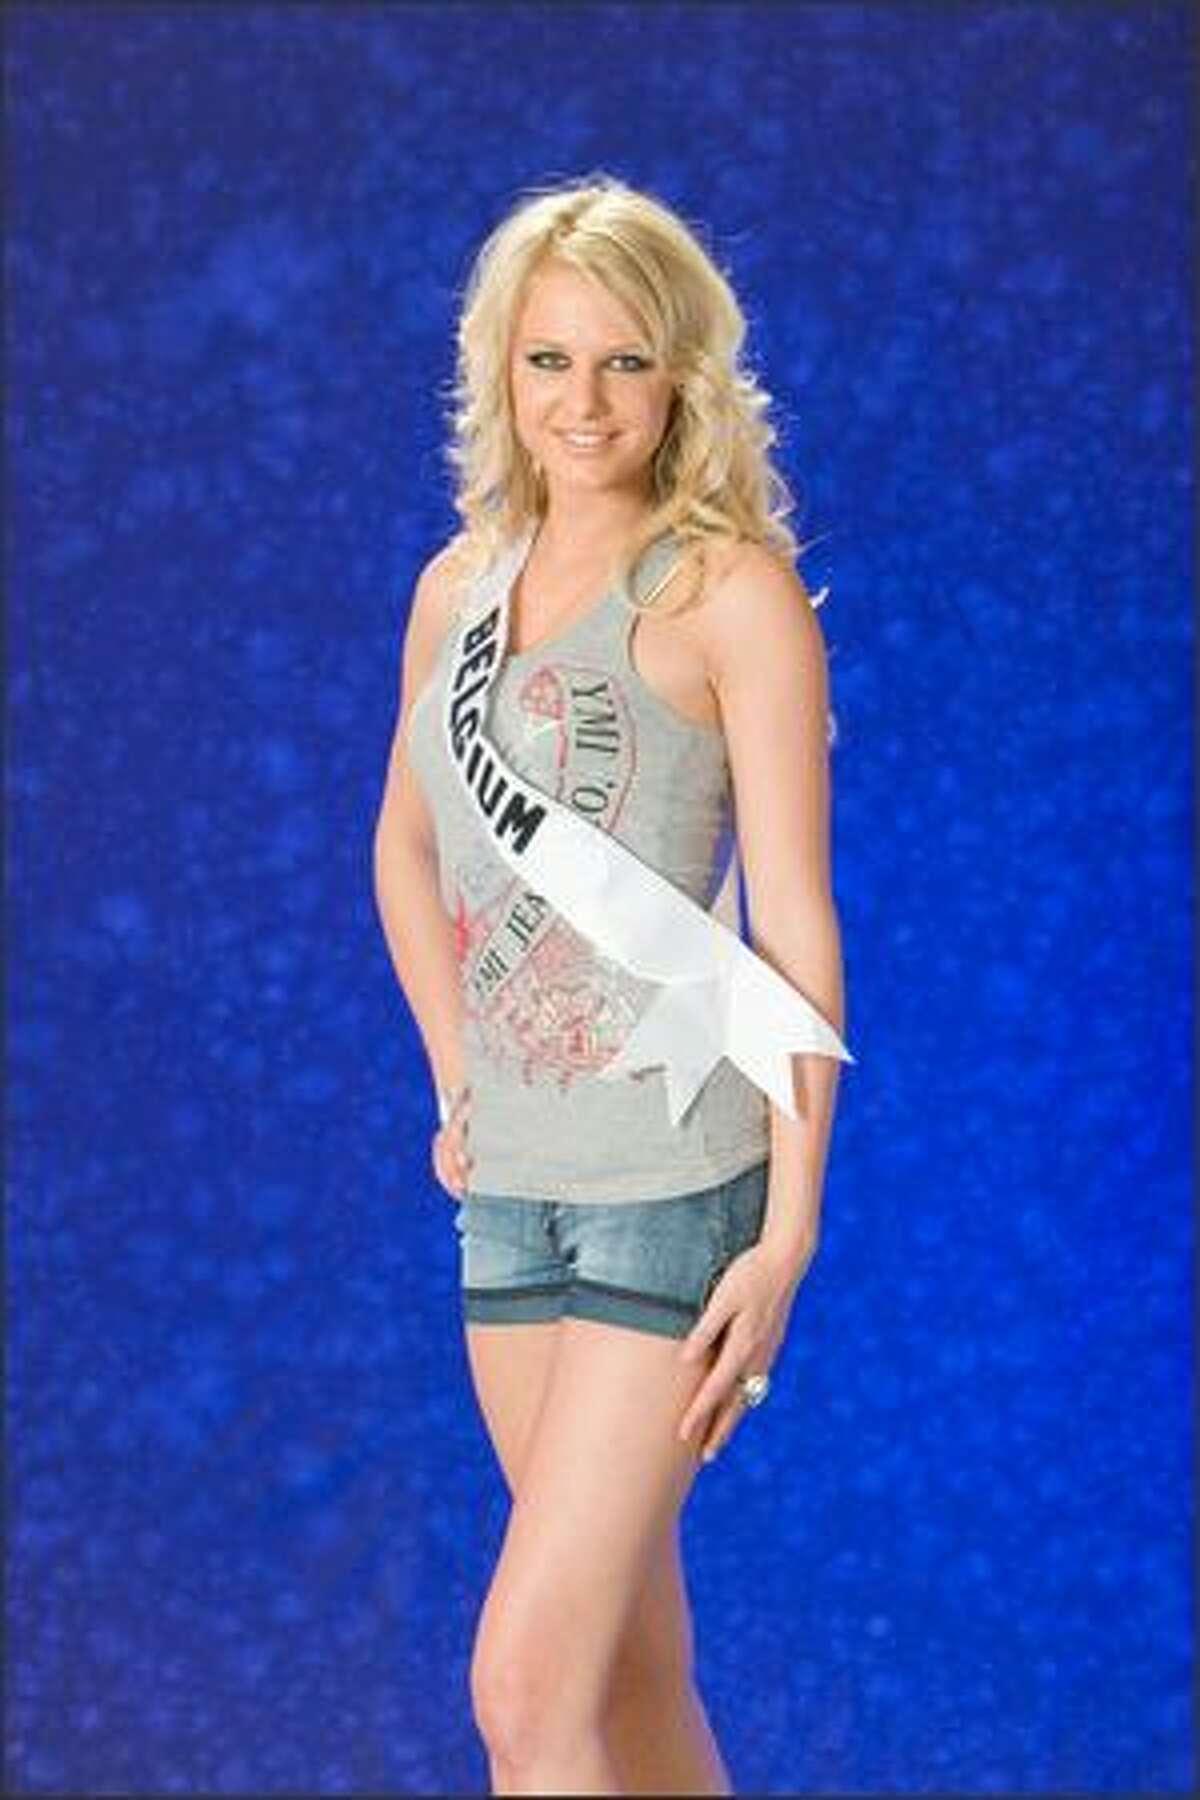 Annelien Coorevits, Miss Belgium 2007.